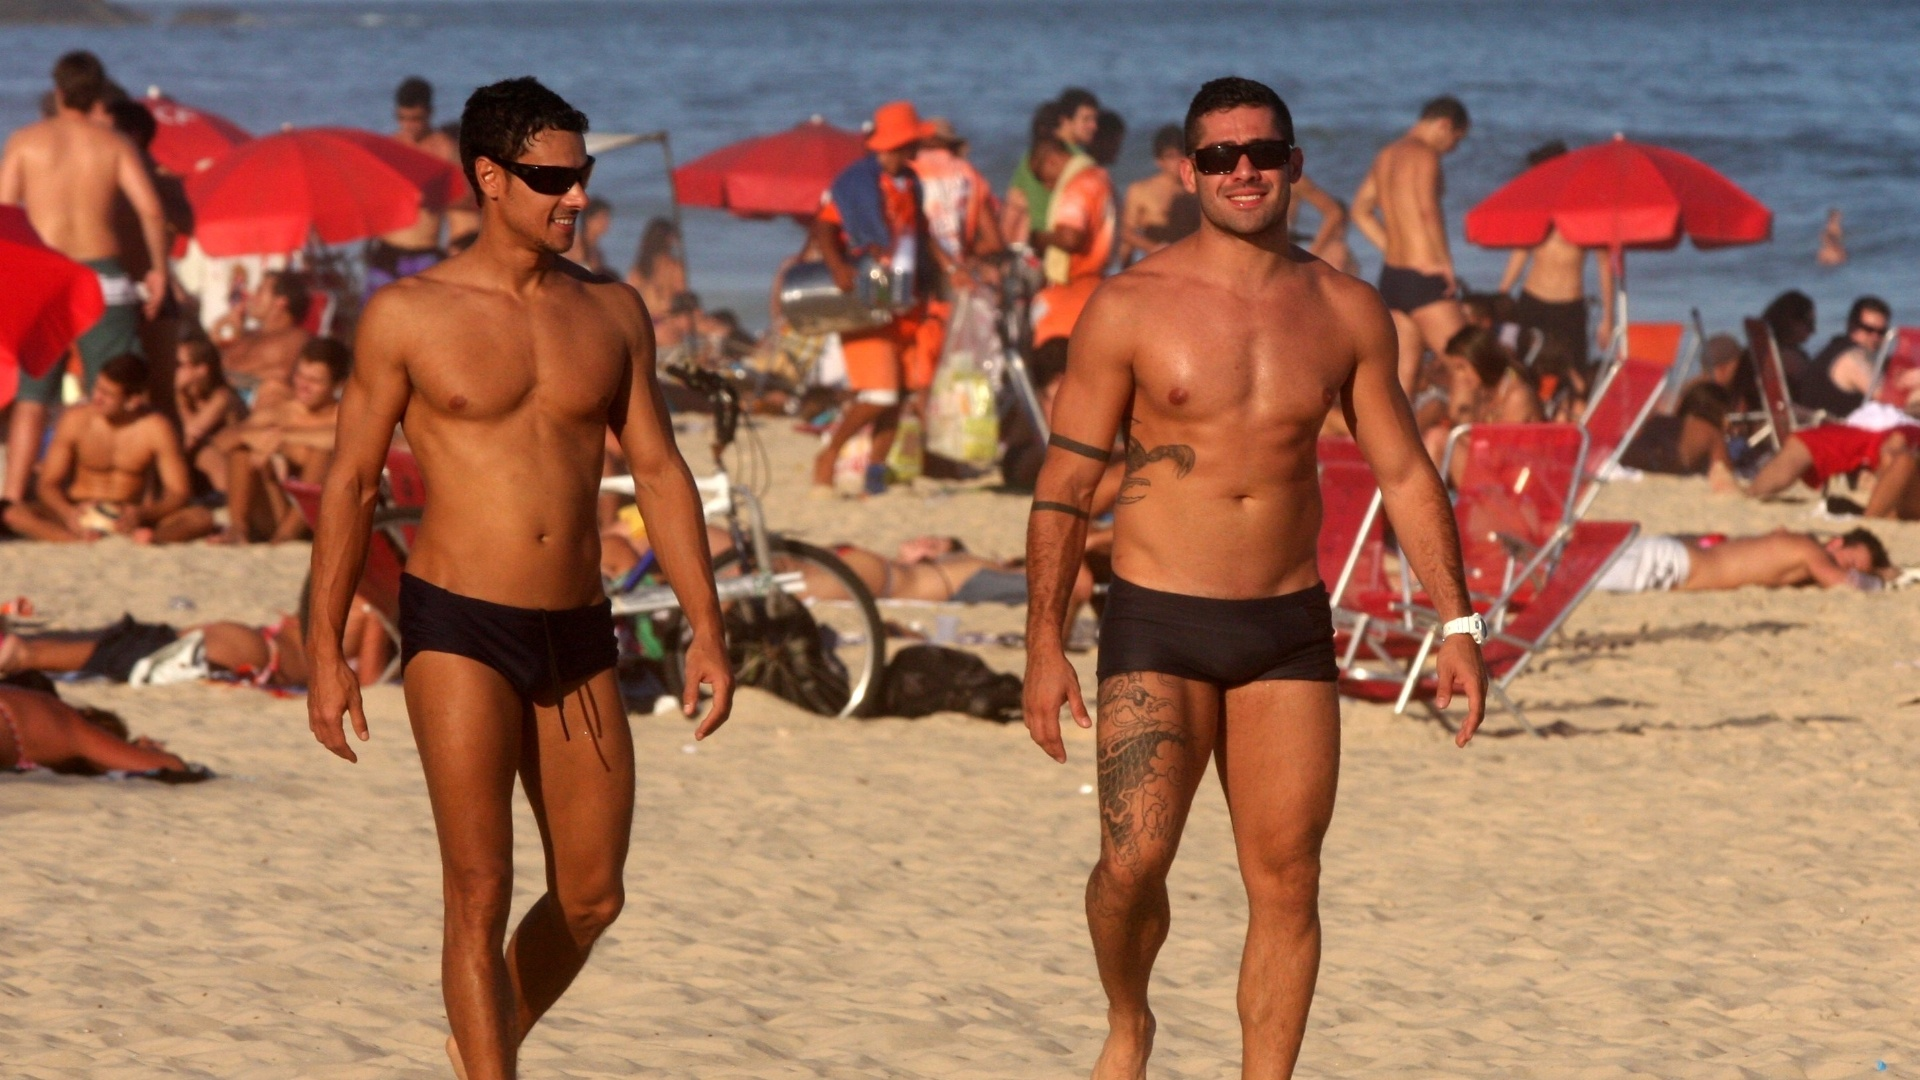 Acompanhado de um amigo, o ex-BBB Yuri curtiu praia em Ipanema, zona sul do Rio (5/7/12). O lutador exibiu o novo visual sem barba